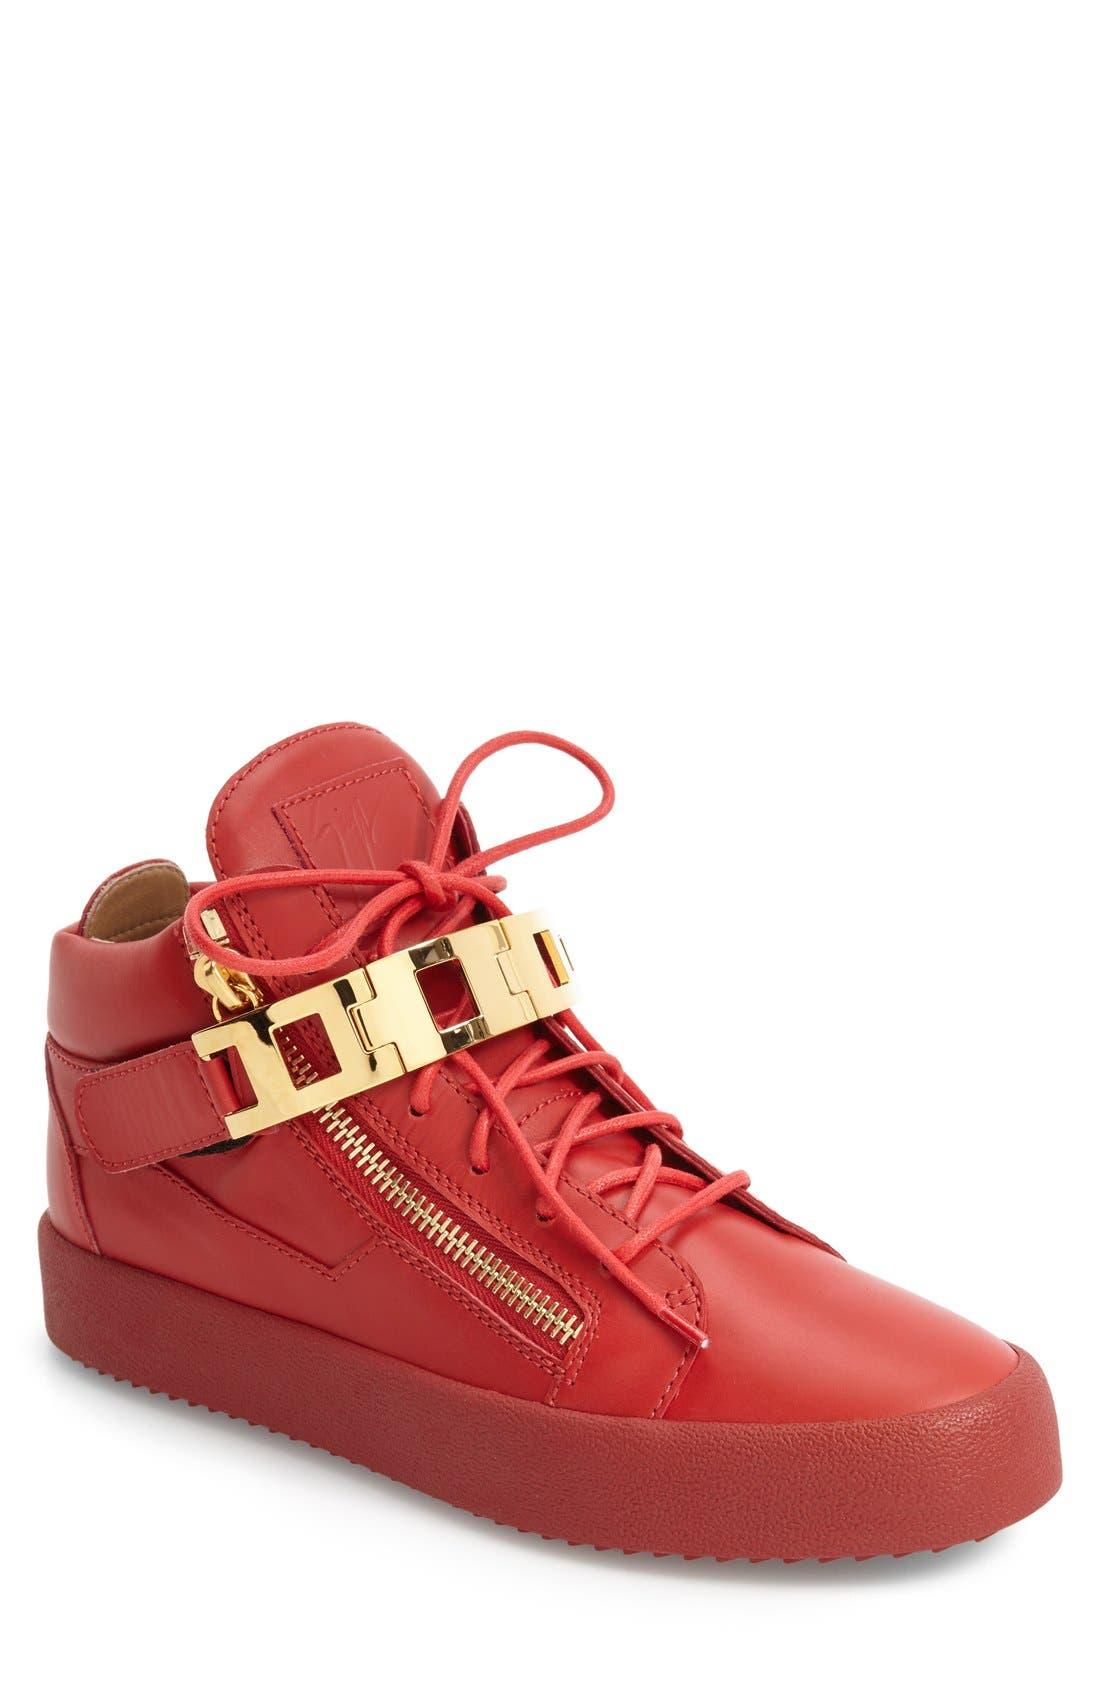 GIUSEPPE ZANOTTI Chain Link Side Zip Sneaker